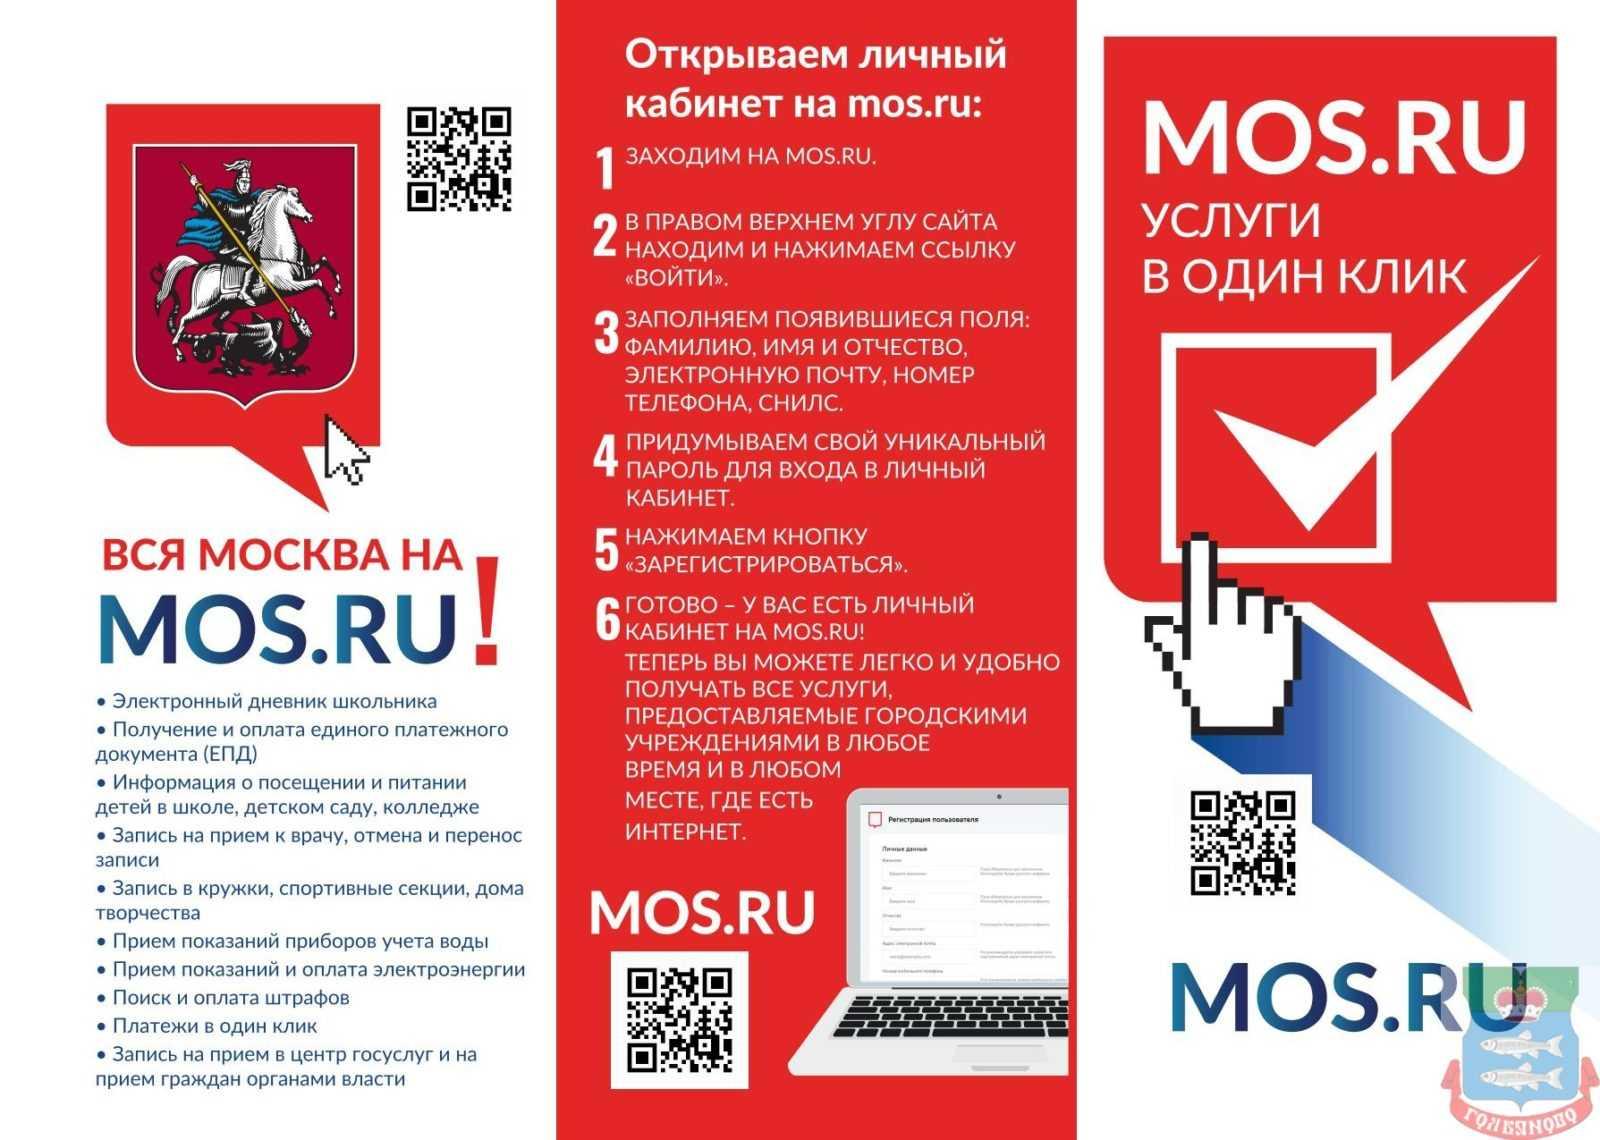 про портал MOS.RU